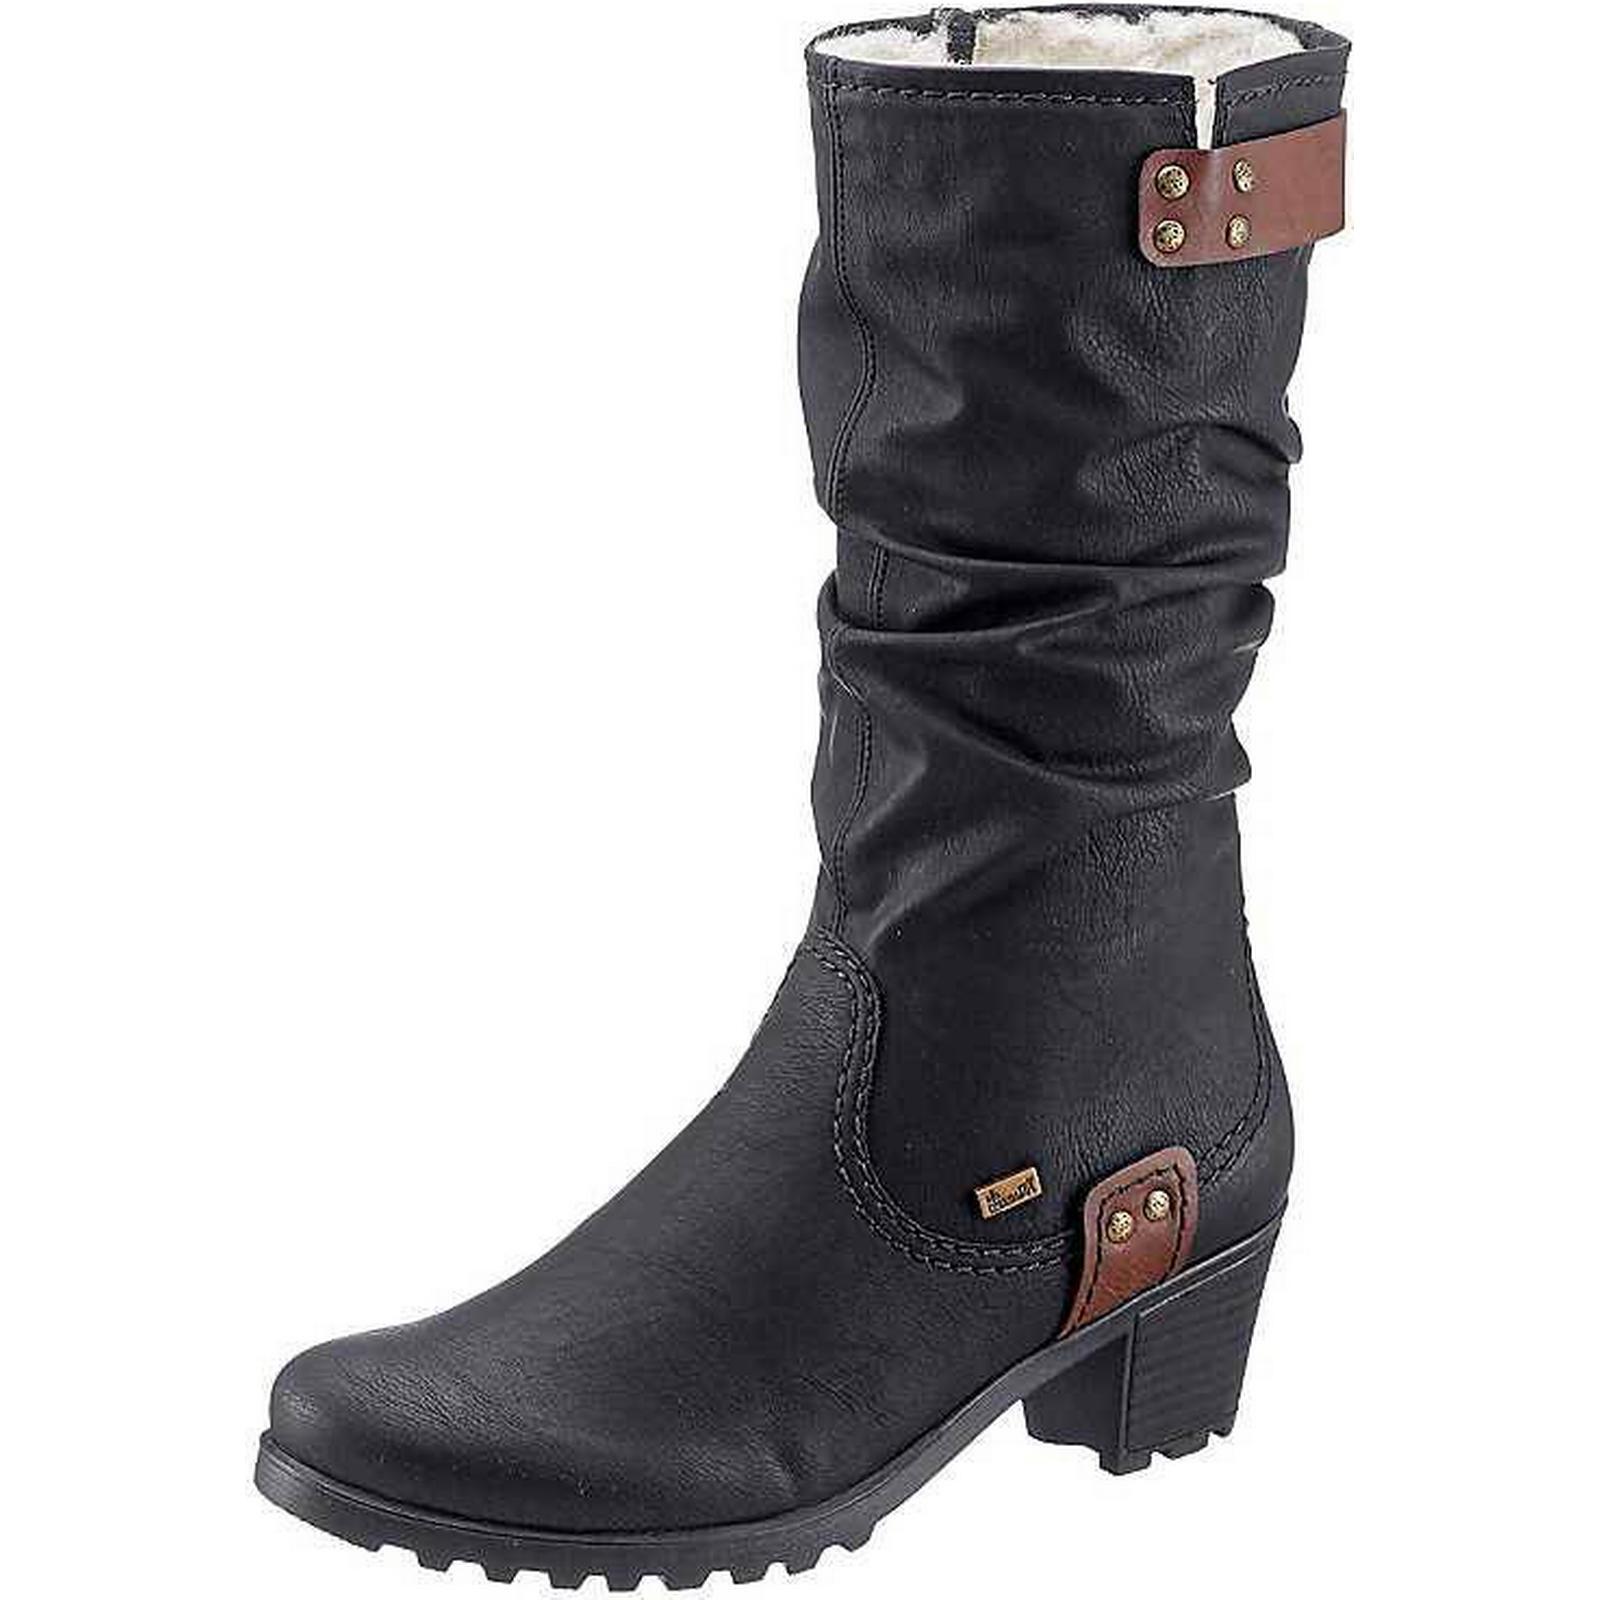 rieker par mi - mollet les bottes d'hiver par rieker rieker: homme femme: le design moderne f4f938